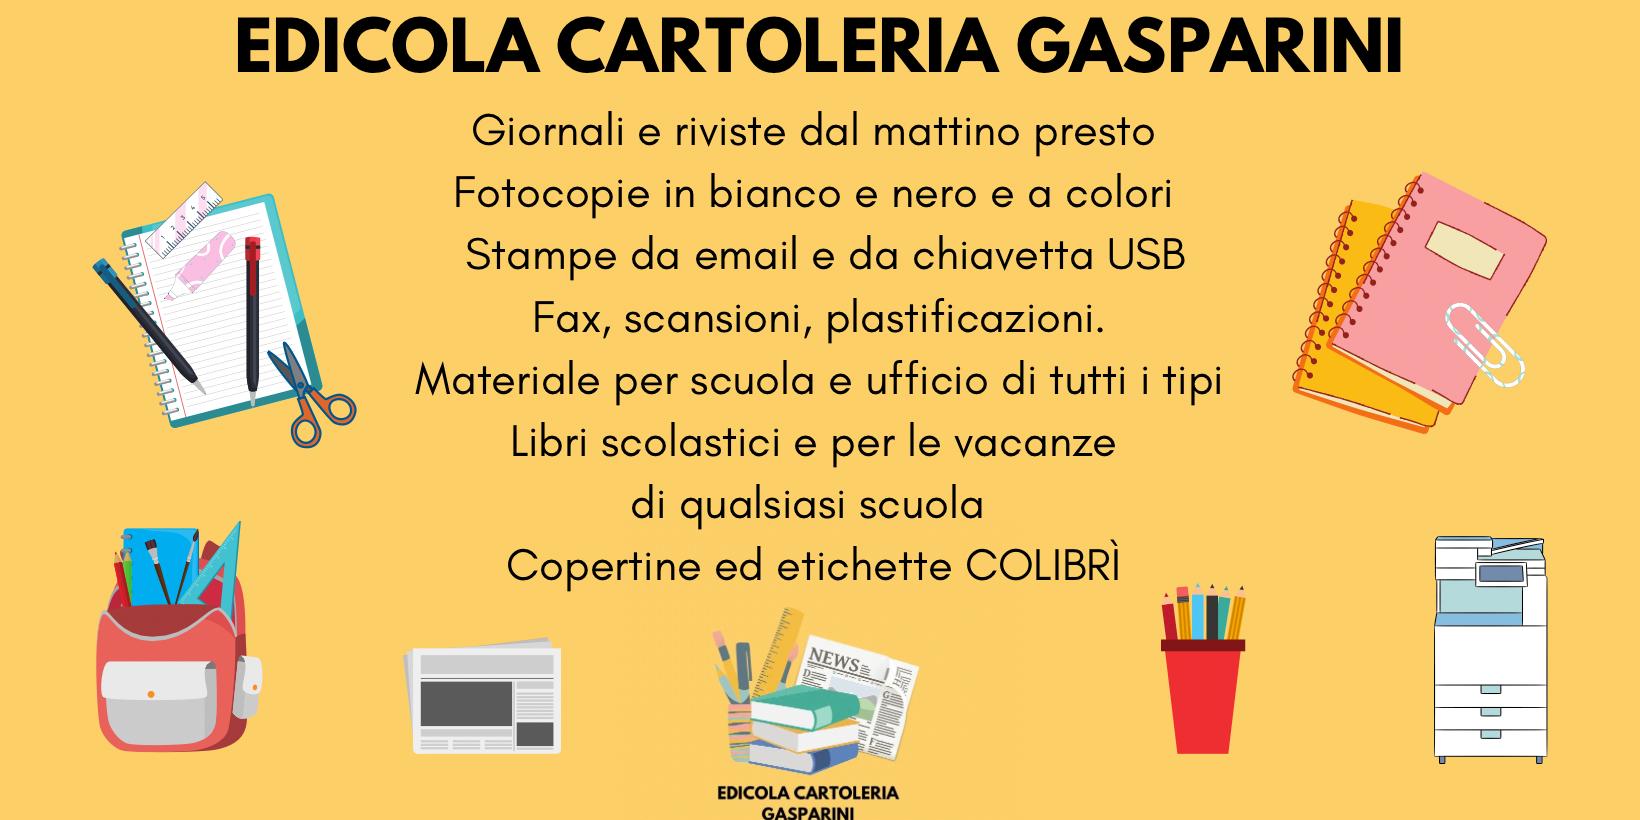 header image Edicola Cartoleria Gasparini